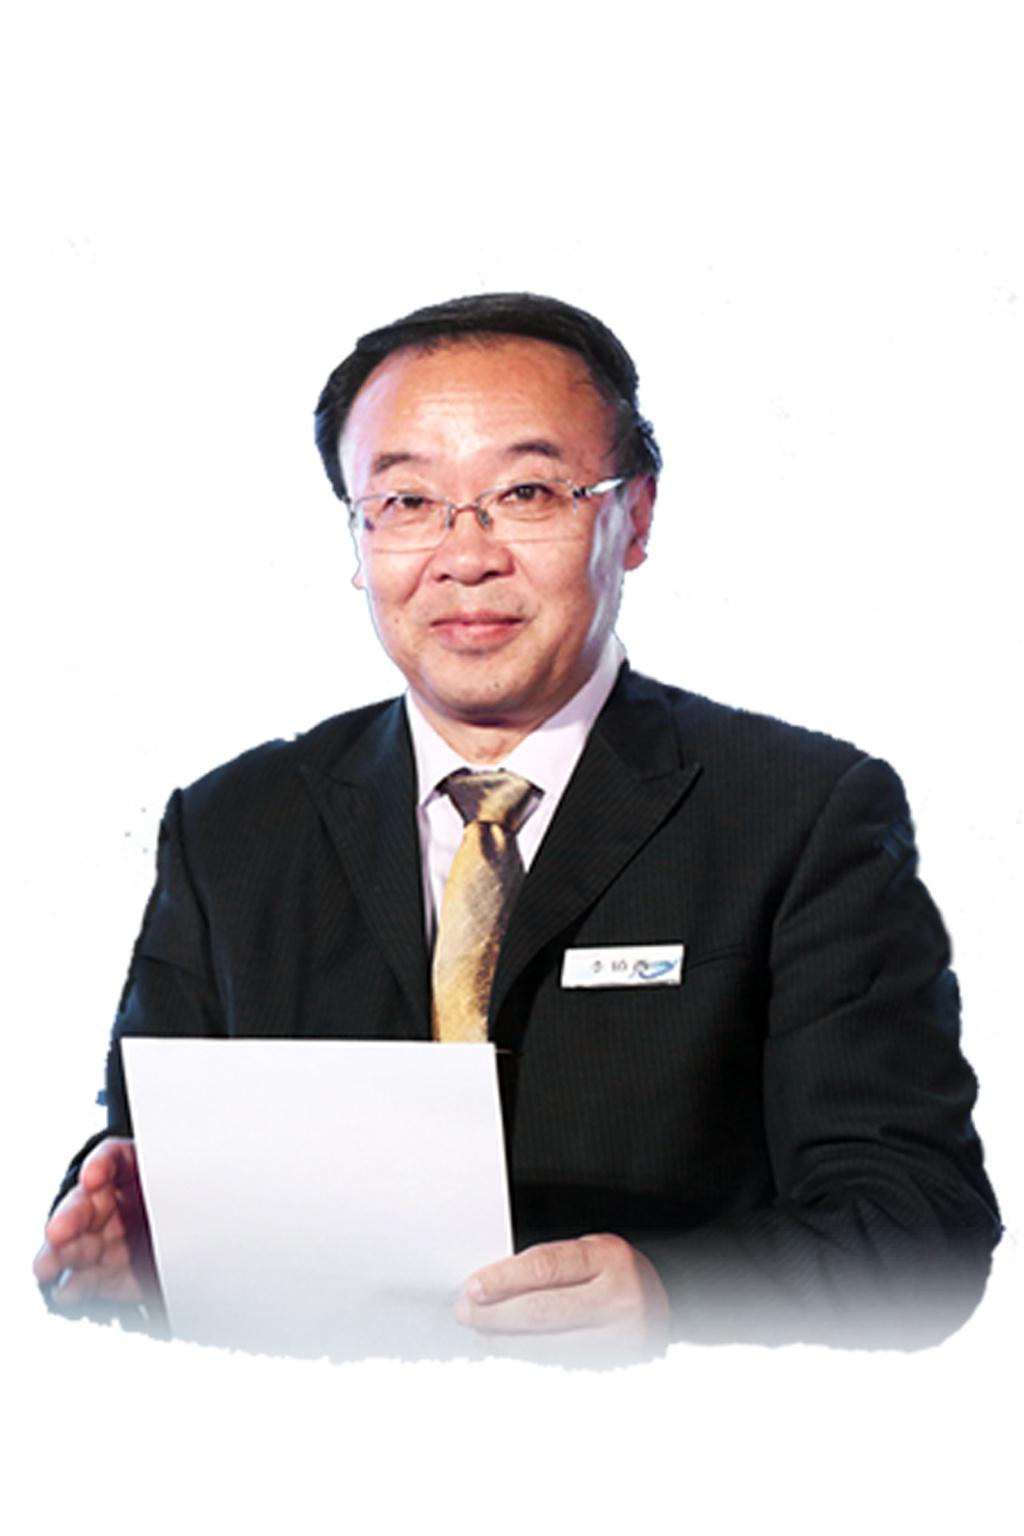 李鎮西 新教育研究院院長,中國教育三十人論壇成員